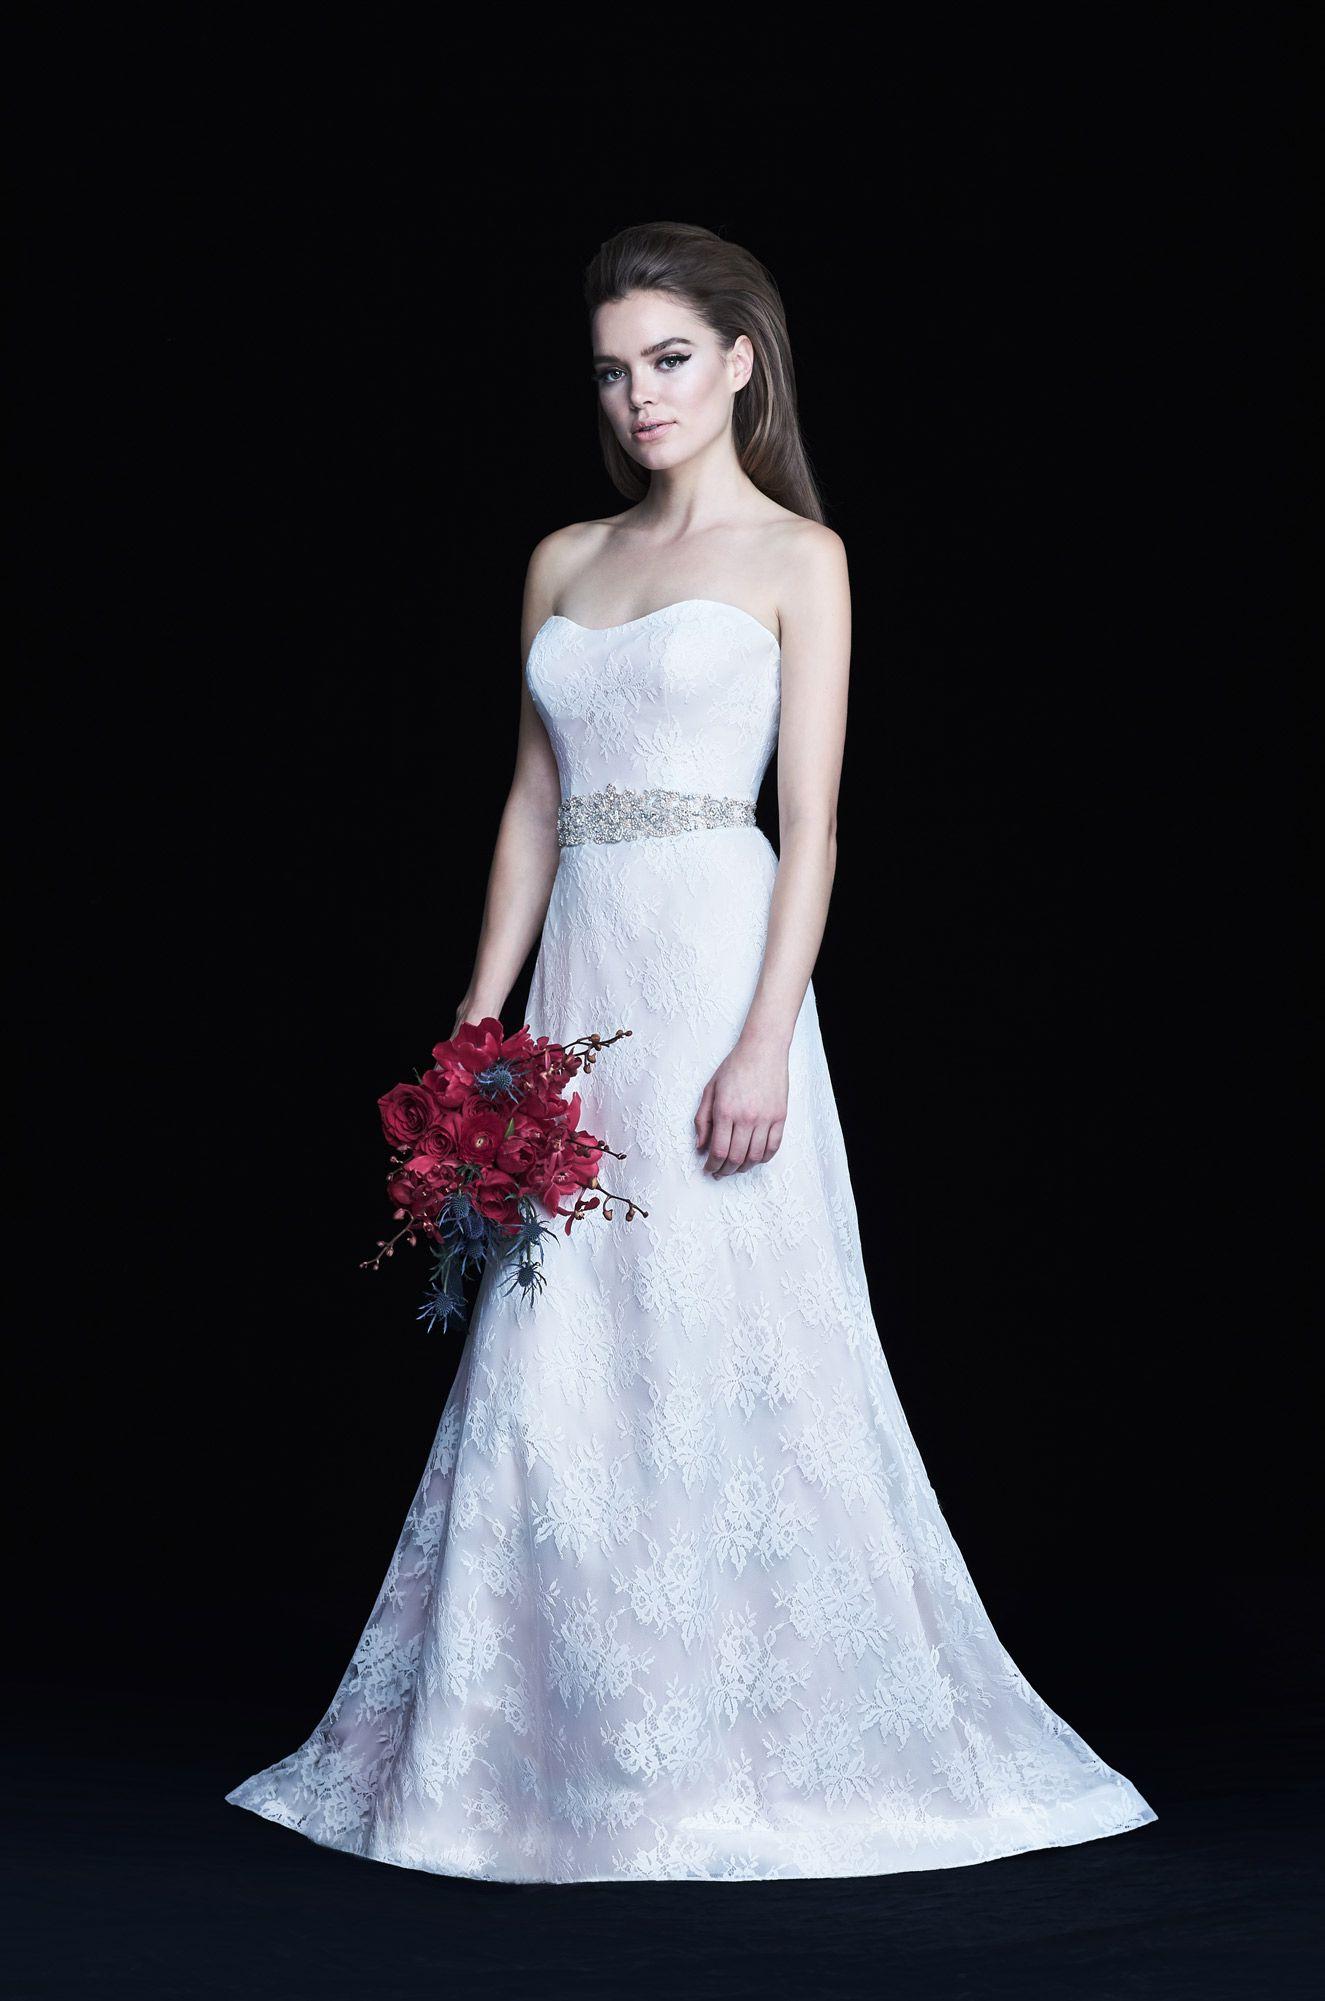 Lace train wedding dress style chantilly lace paloma